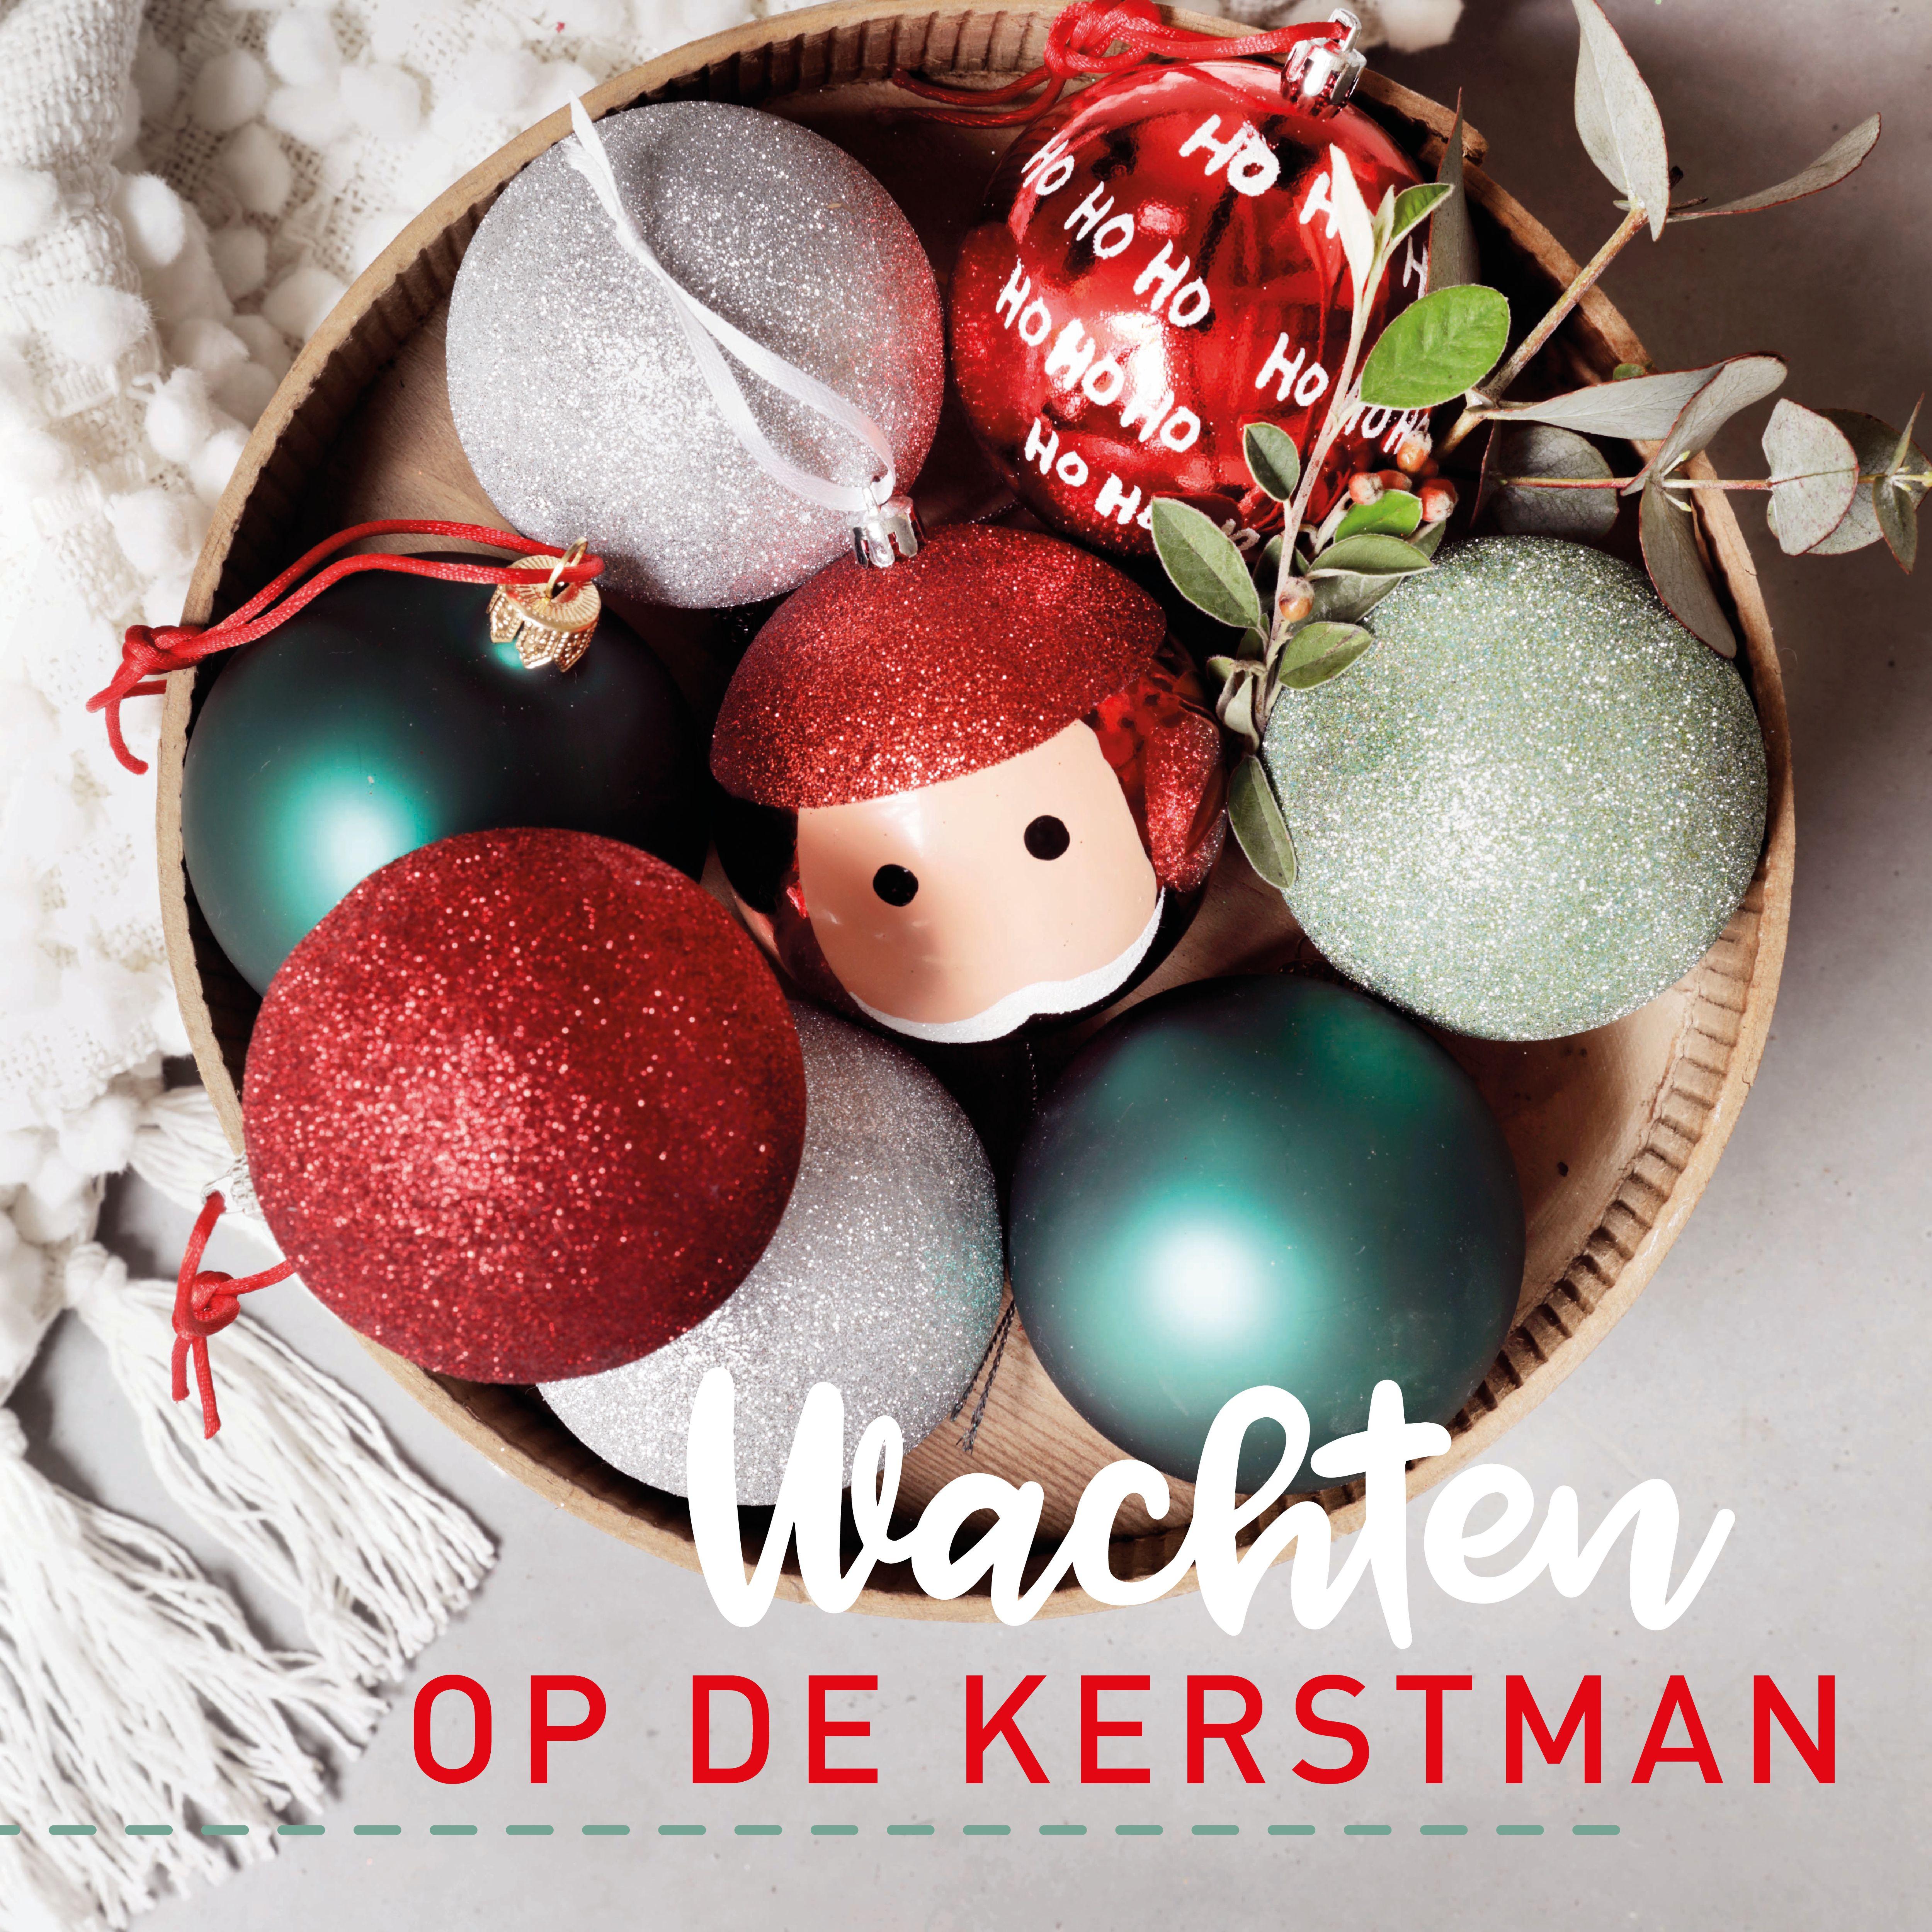 Waiting For Santa Een Traditionele Kerst Is Het Mooiste Om Met Het